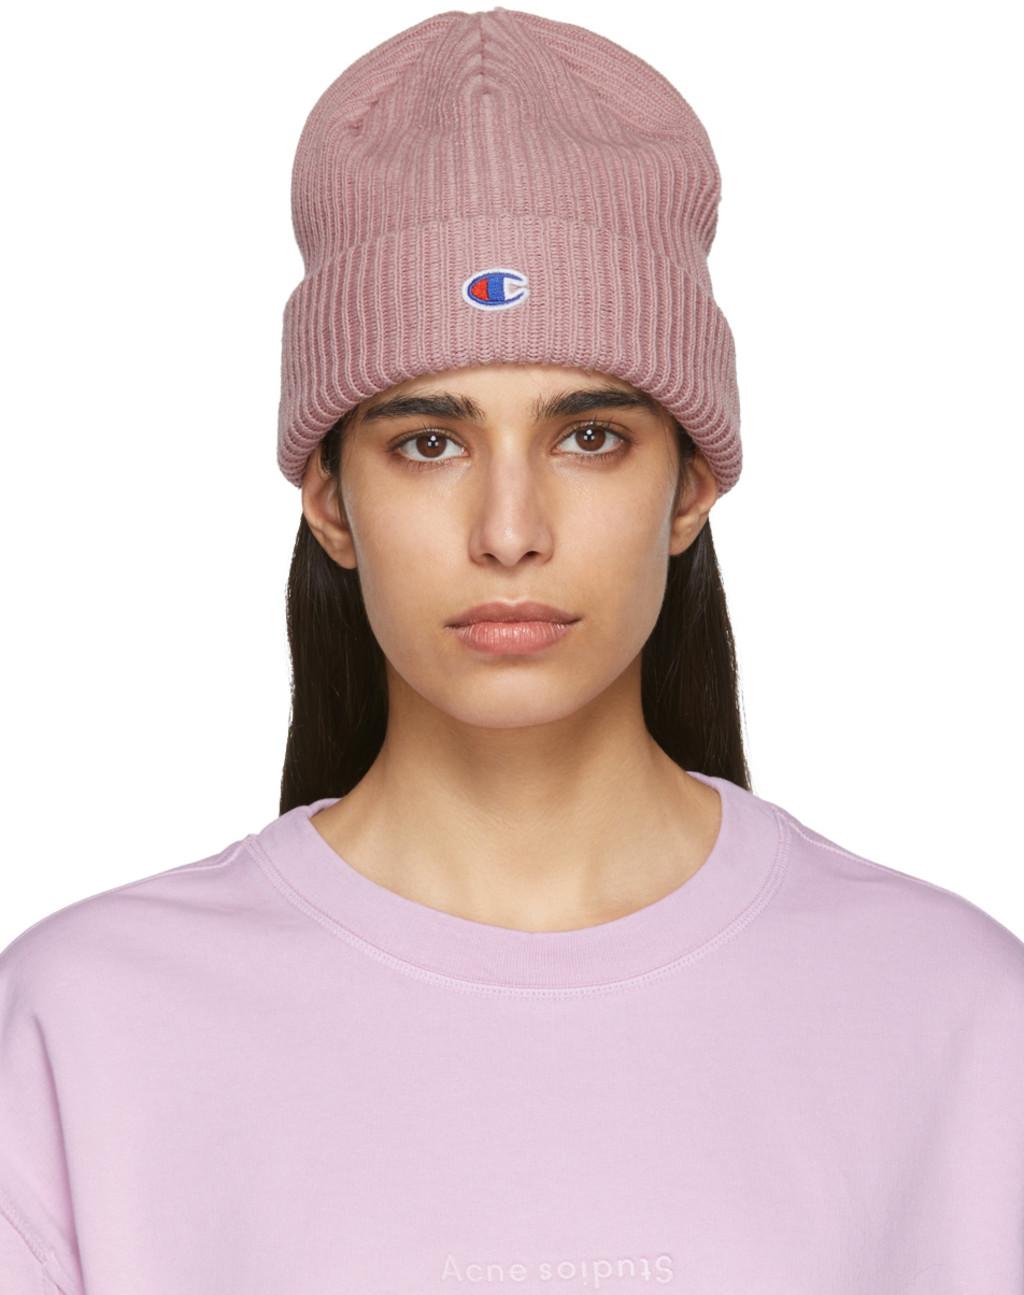 fcc6c426cf4 Designer beanies for Women